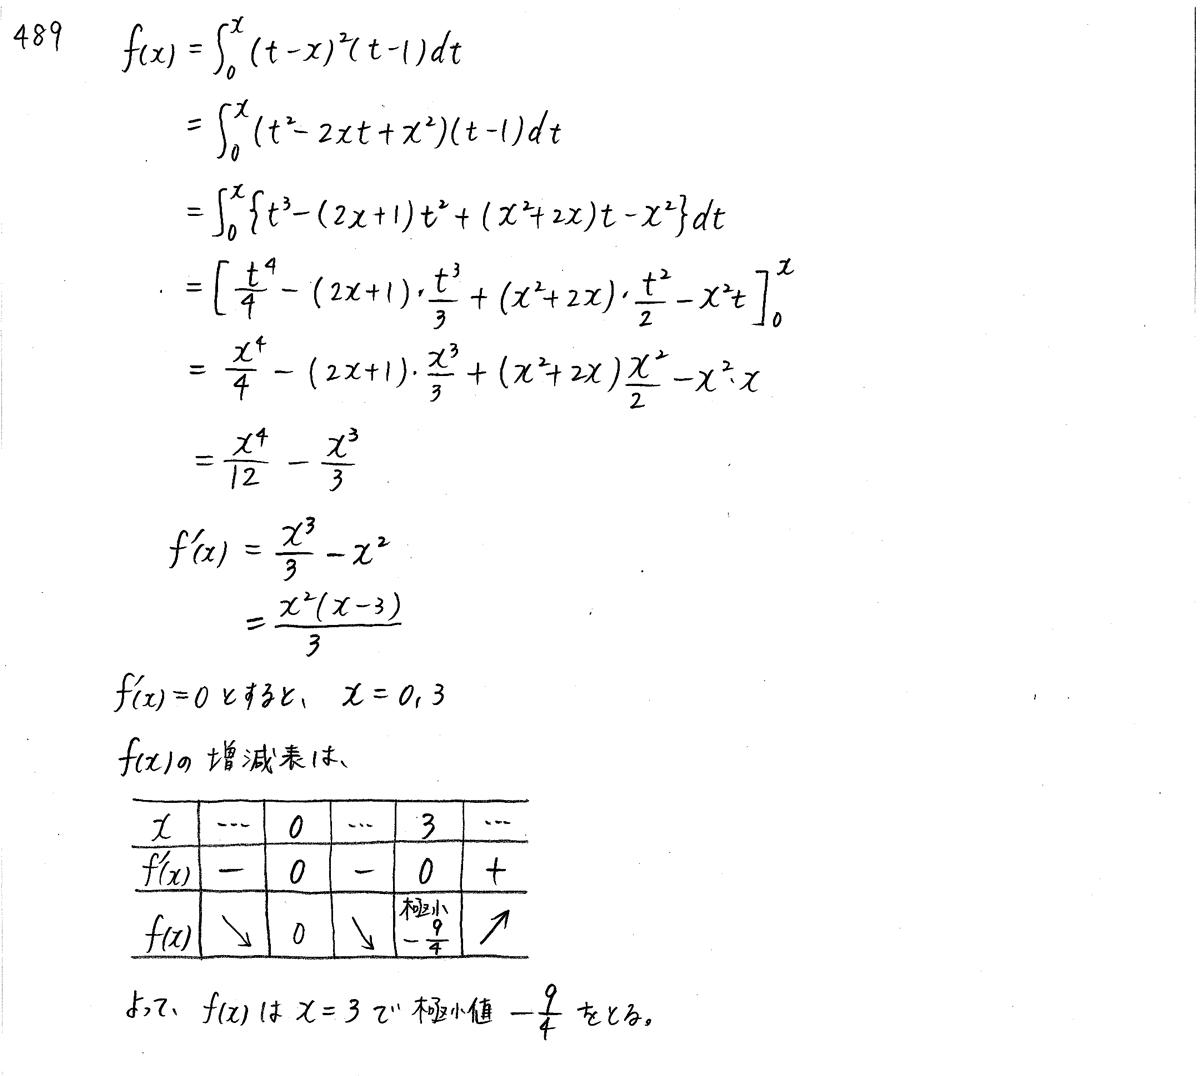 クリアー数学2-489解答